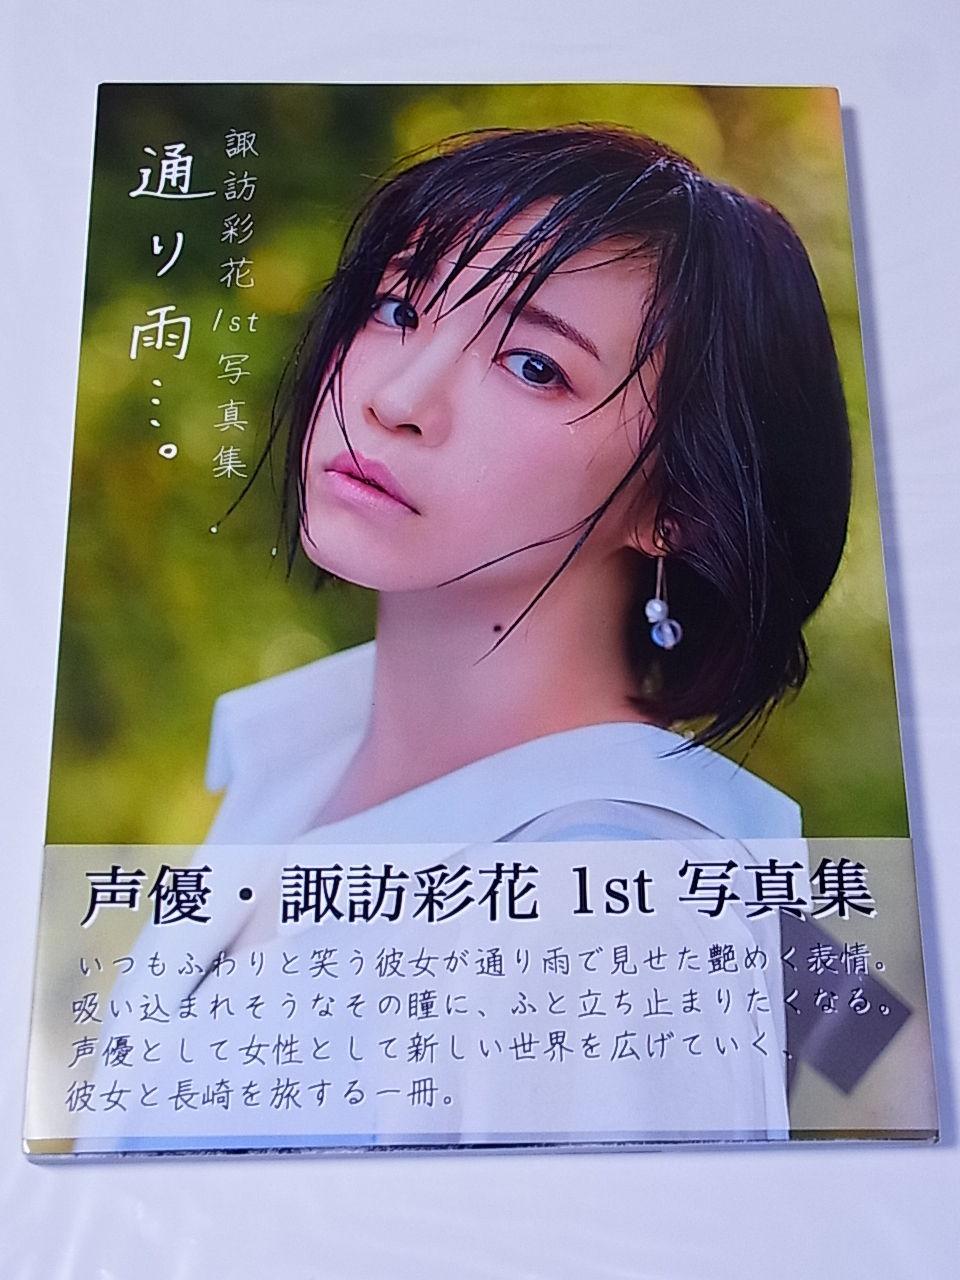 381b3d0c76709 諏訪彩花さんの1st写真集「通り雨…。」ですね。 アイマスPであれば「声優さんが出演するライブに行く日が来るなんて・・・」と思うこともあるかと思いますが 、